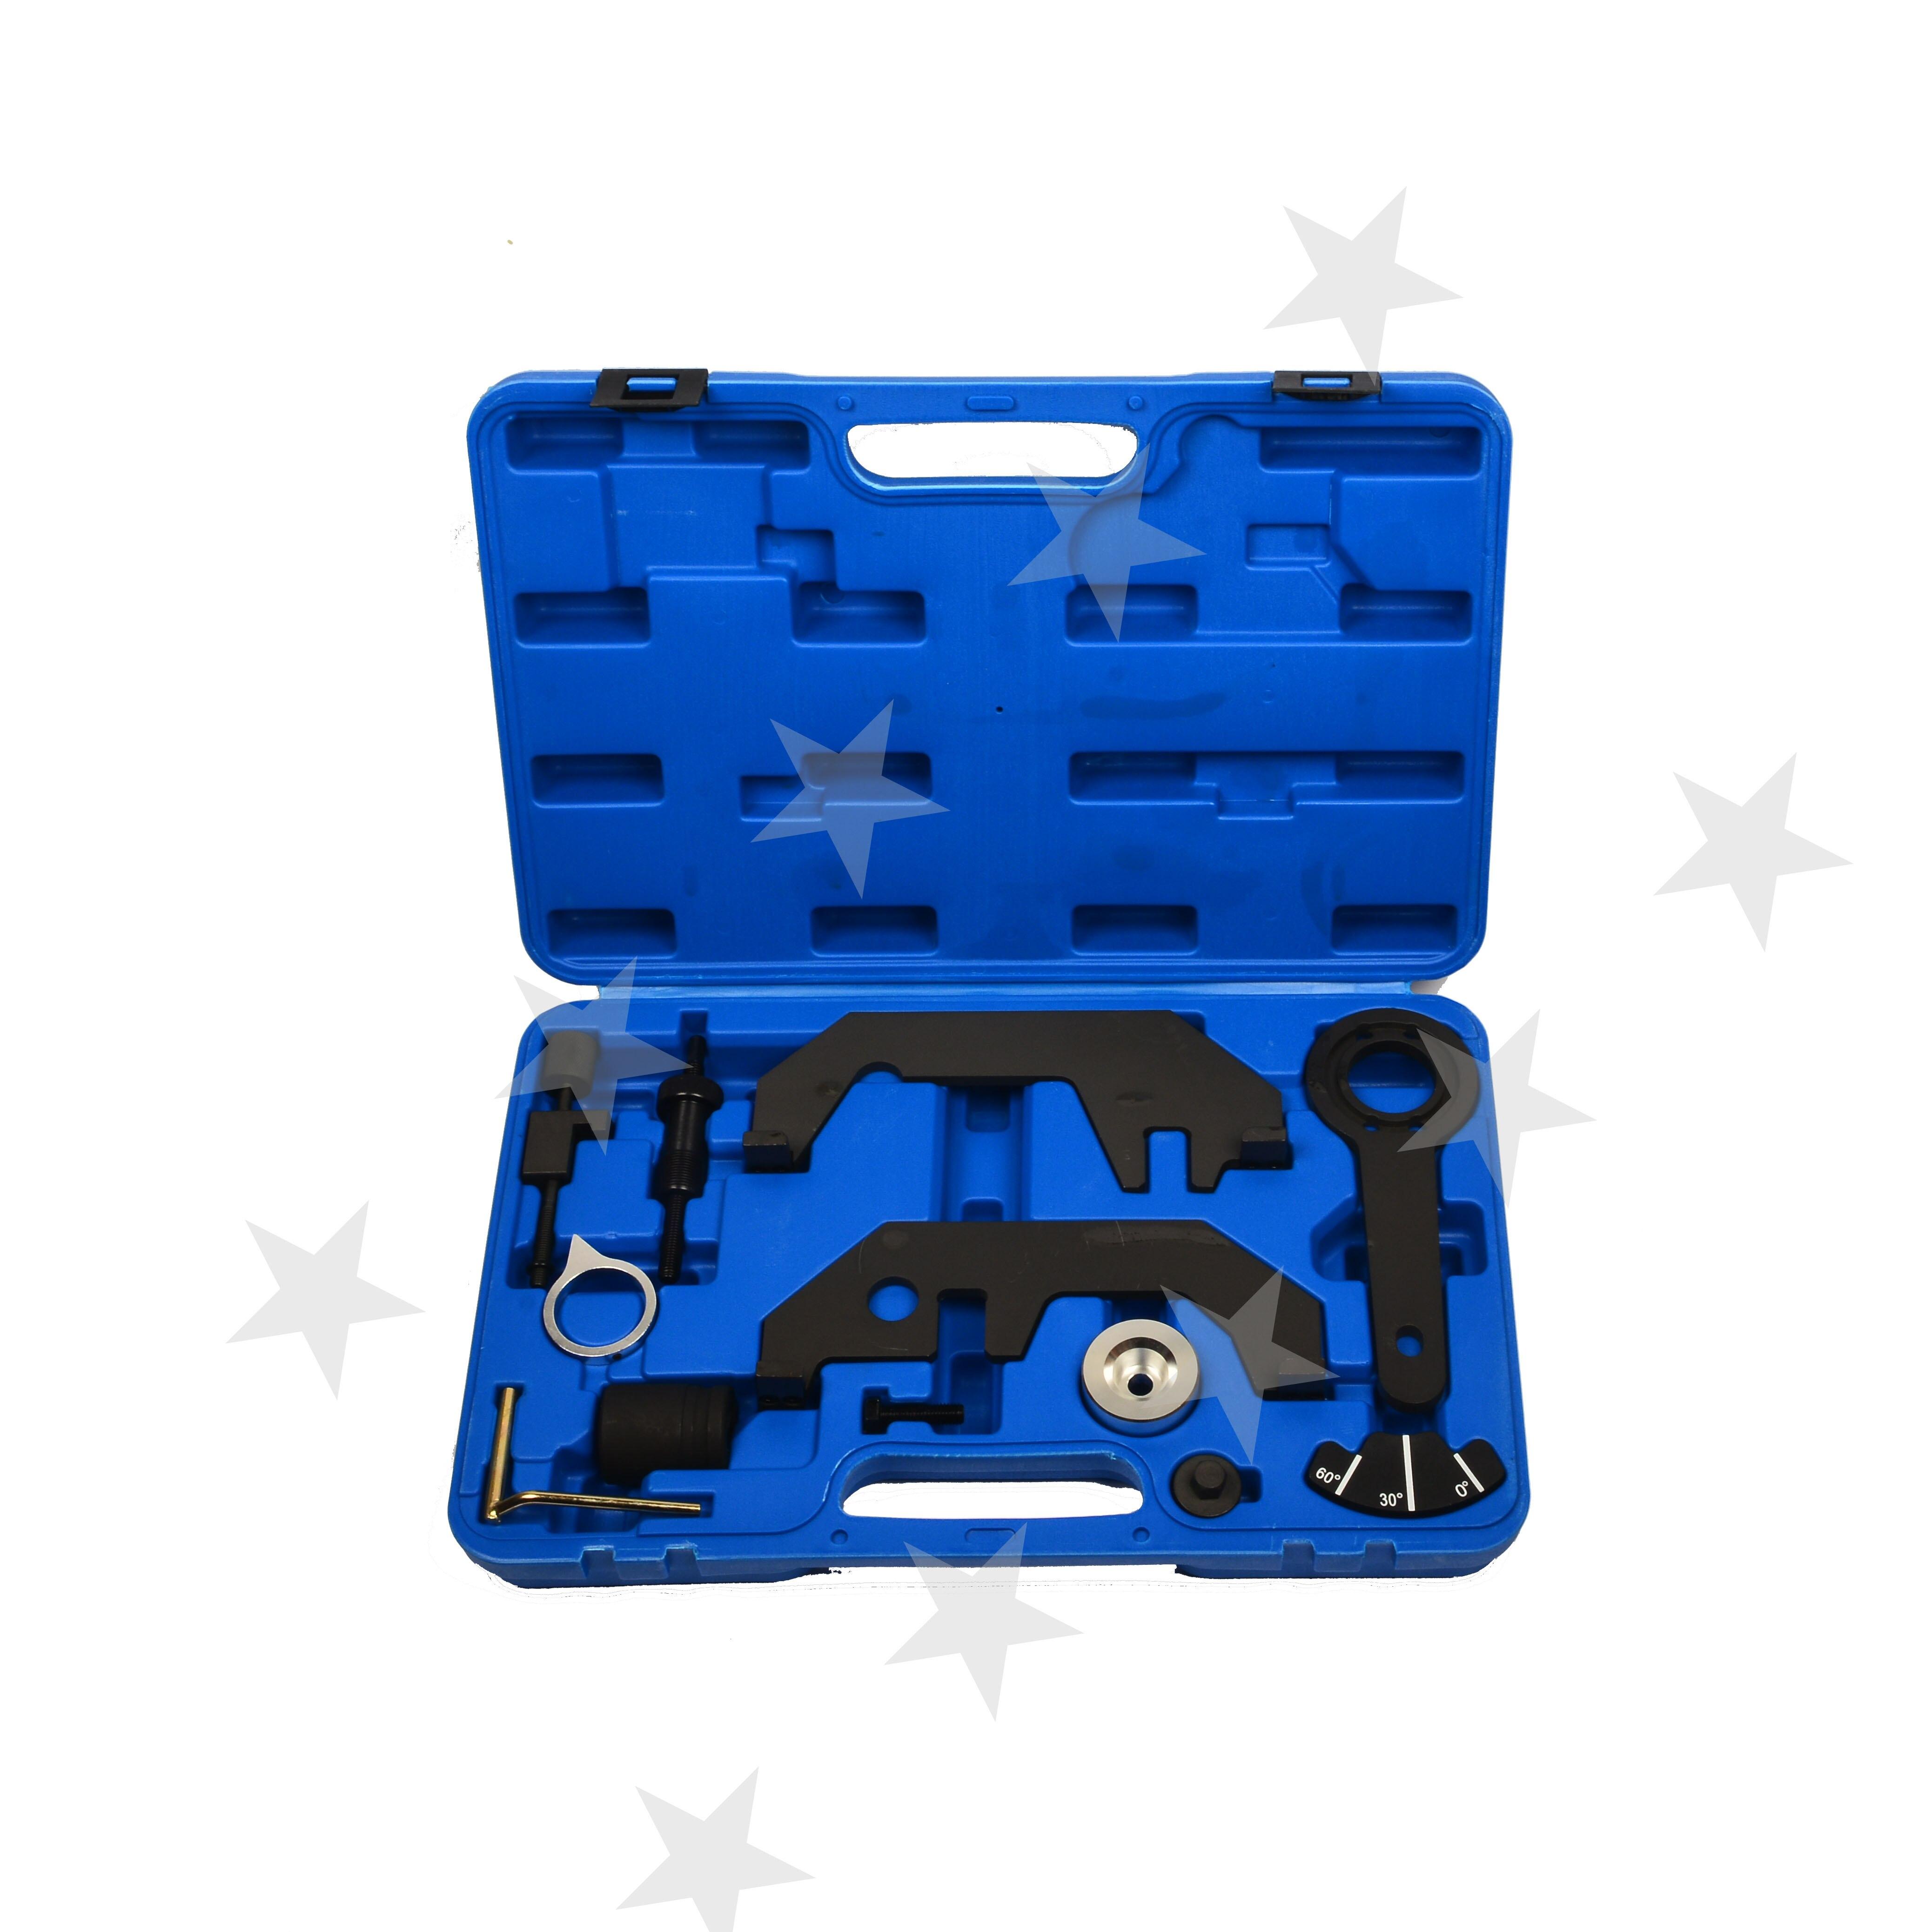 Kit d'outils maître de distribution de vilebrequin d'arbre à cames d'alignement de moteur pour BMW N62/N73